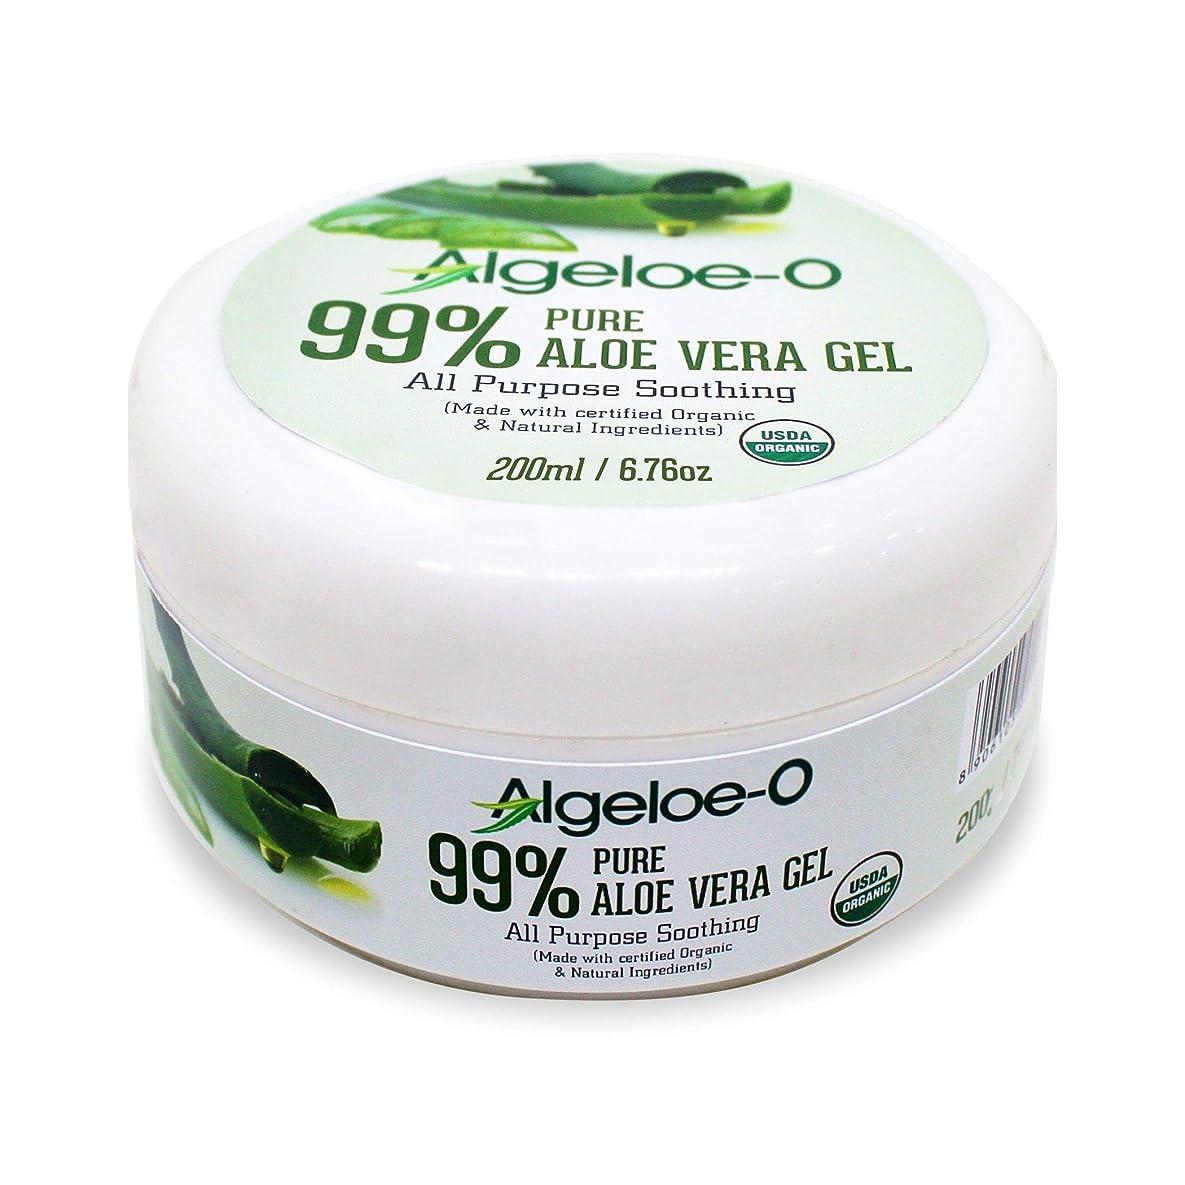 朝騒ぎ引き潮Algeloe-O? Organic Aloe Vera Gel 99% Pure Natural made with USDA Certified Aloe Vera Powder Paraben, sulfate free with no added color 200ml/6.76oz.